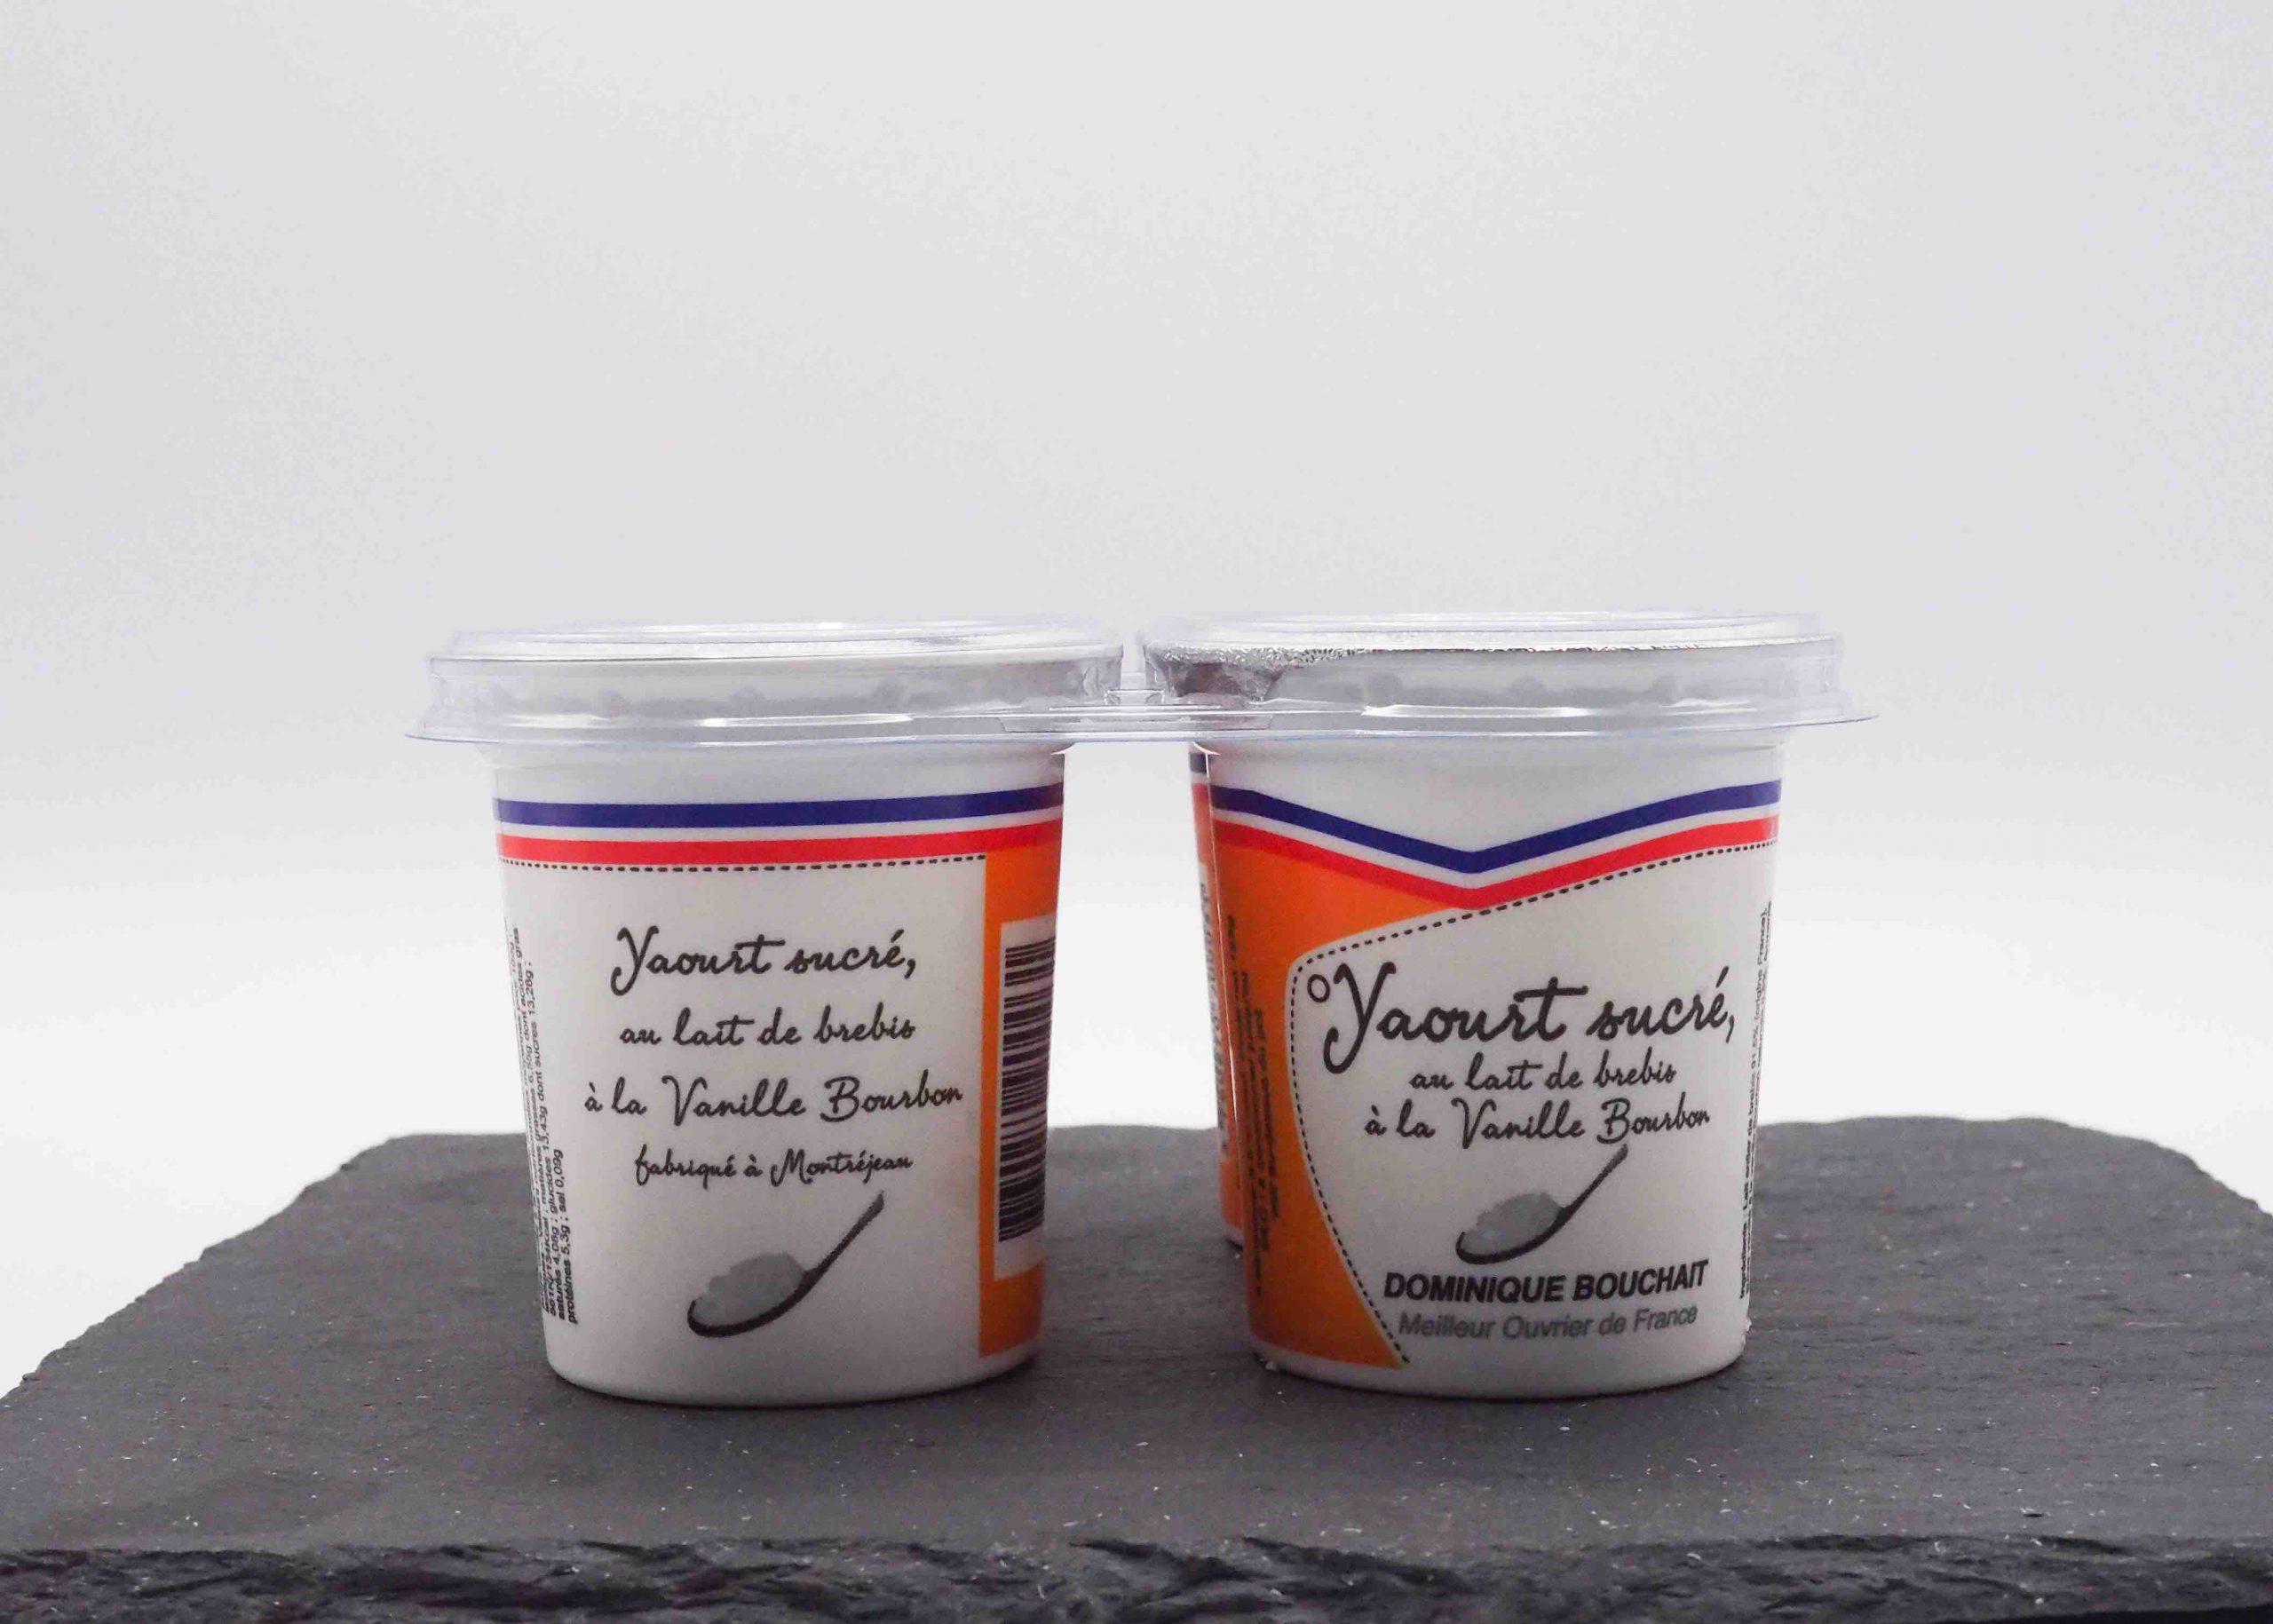 Vente de yaourt en ligne par Fromage Napoleon Meilleur Ouvrier de France